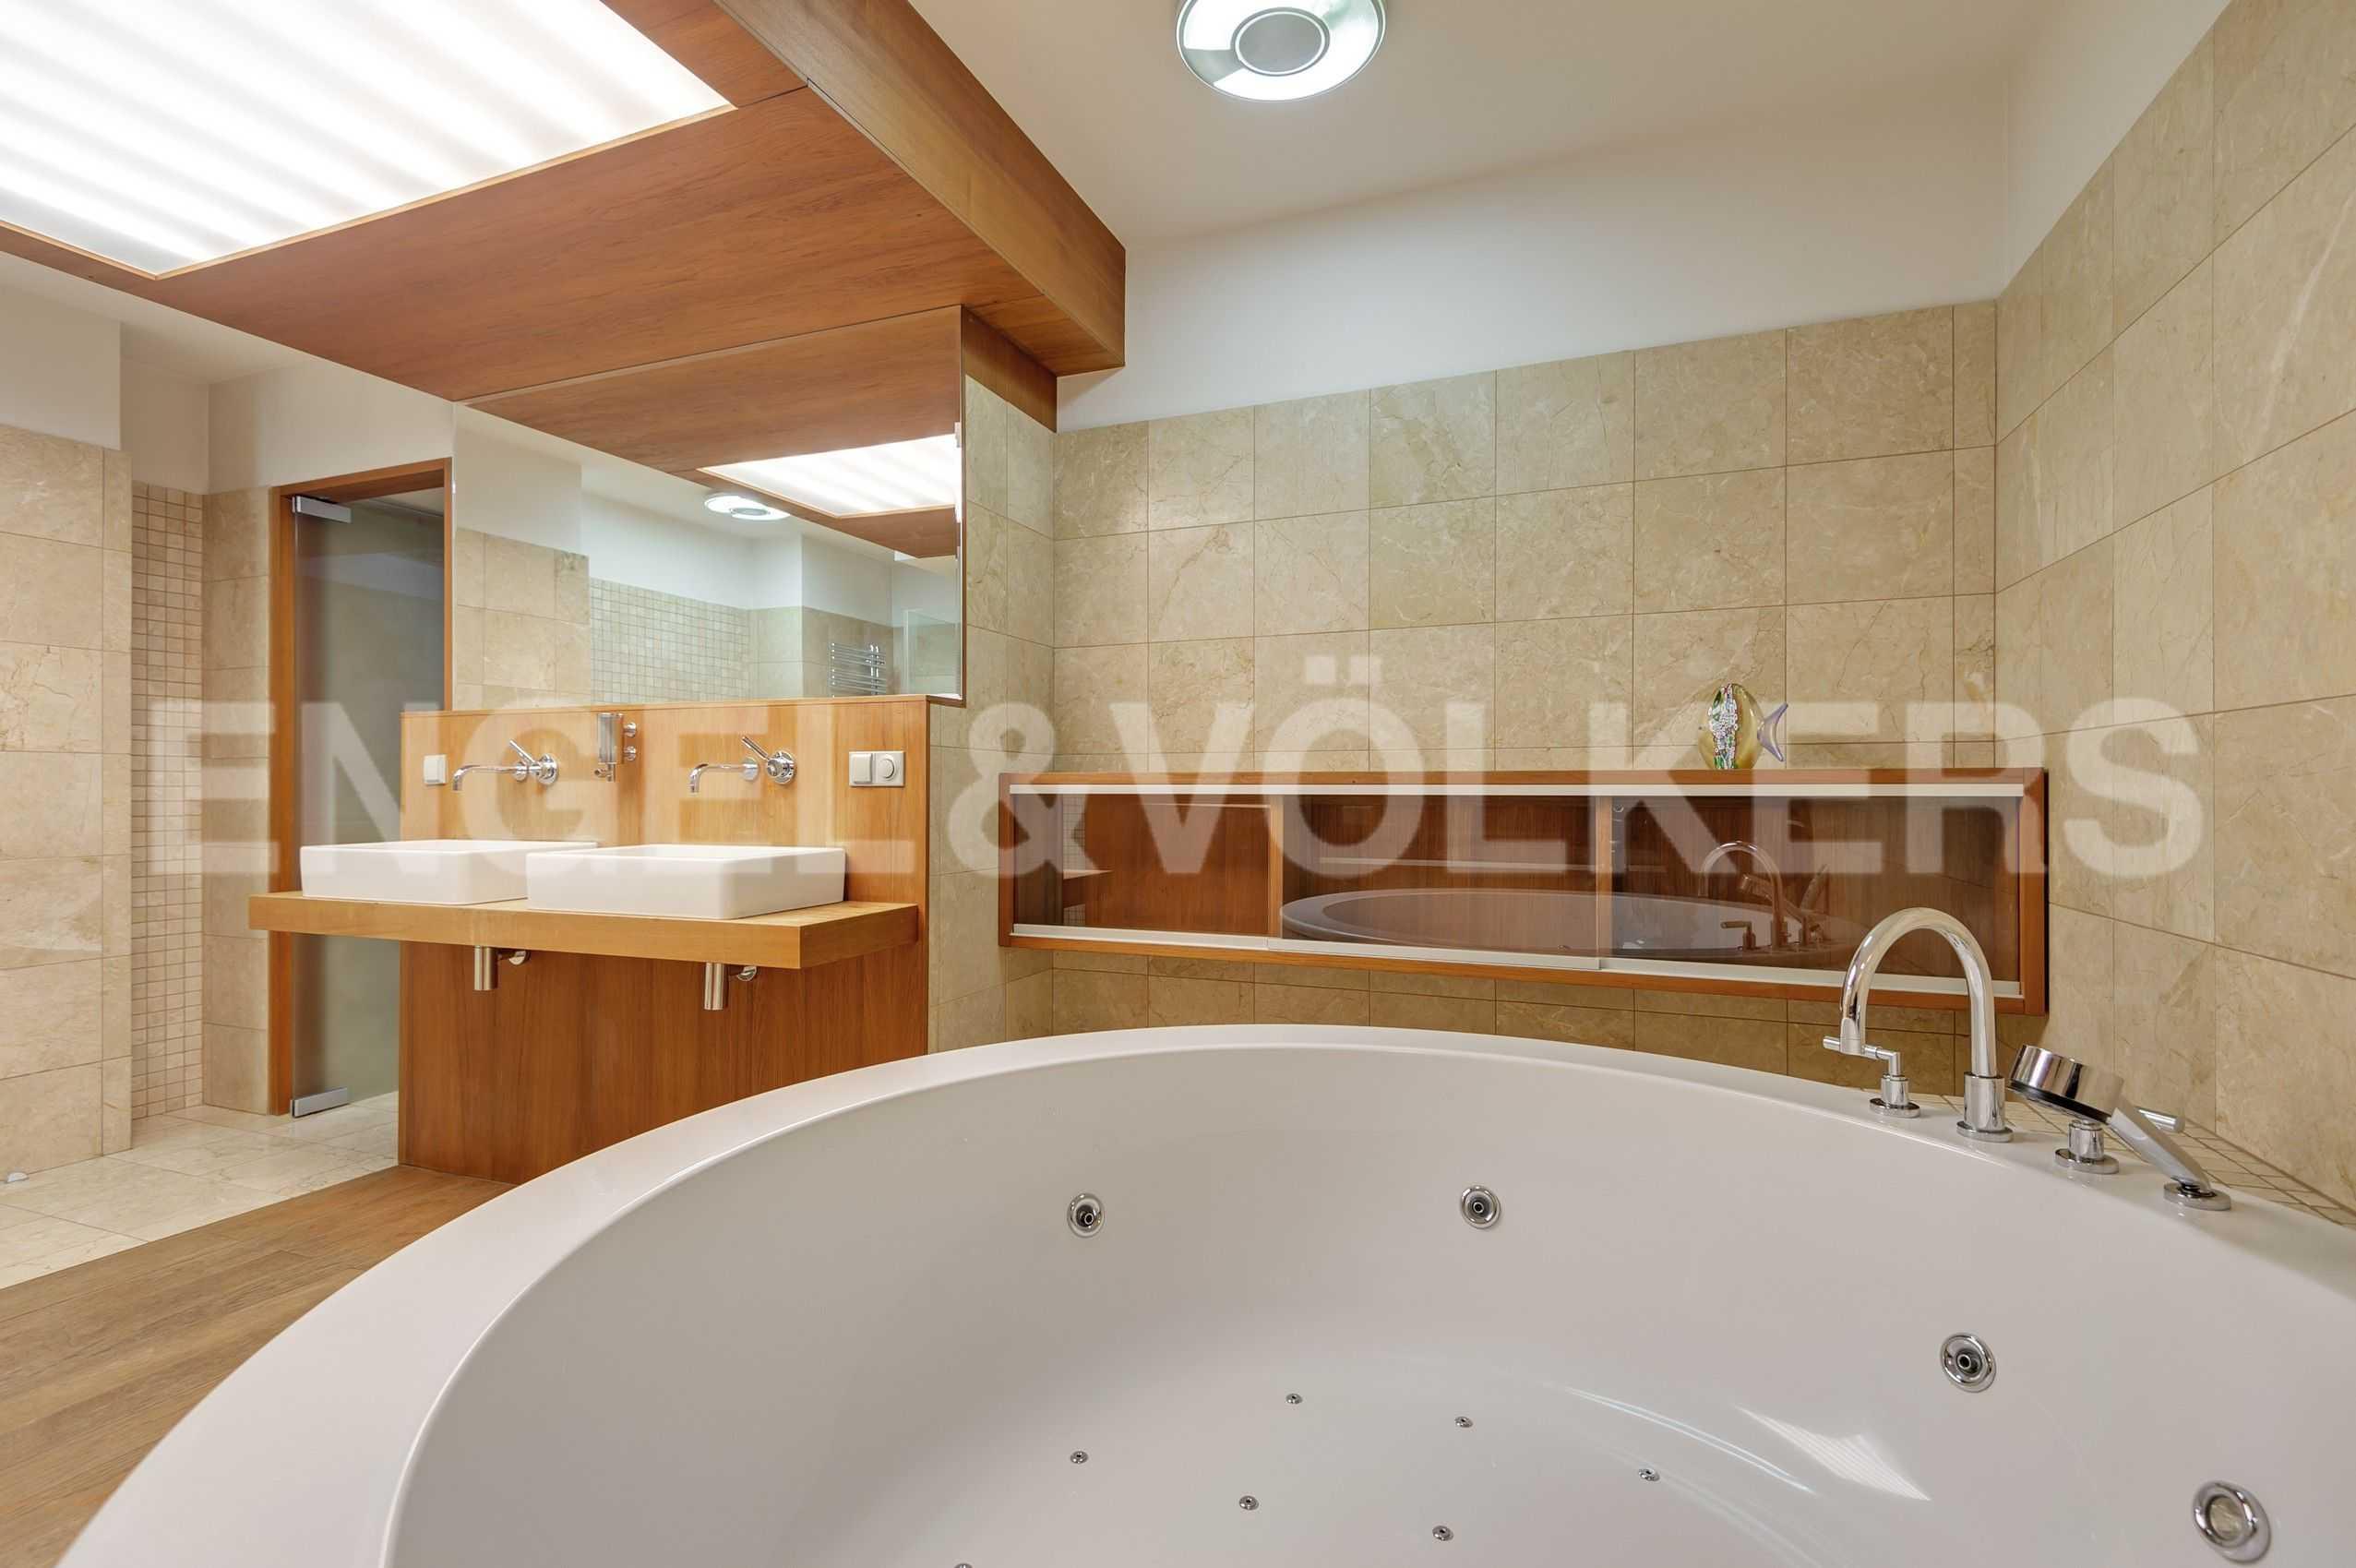 Элитные квартиры в Центральный р-н. Санкт-Петербург, Захарьевская, 16. Джакузи в ванной комнате